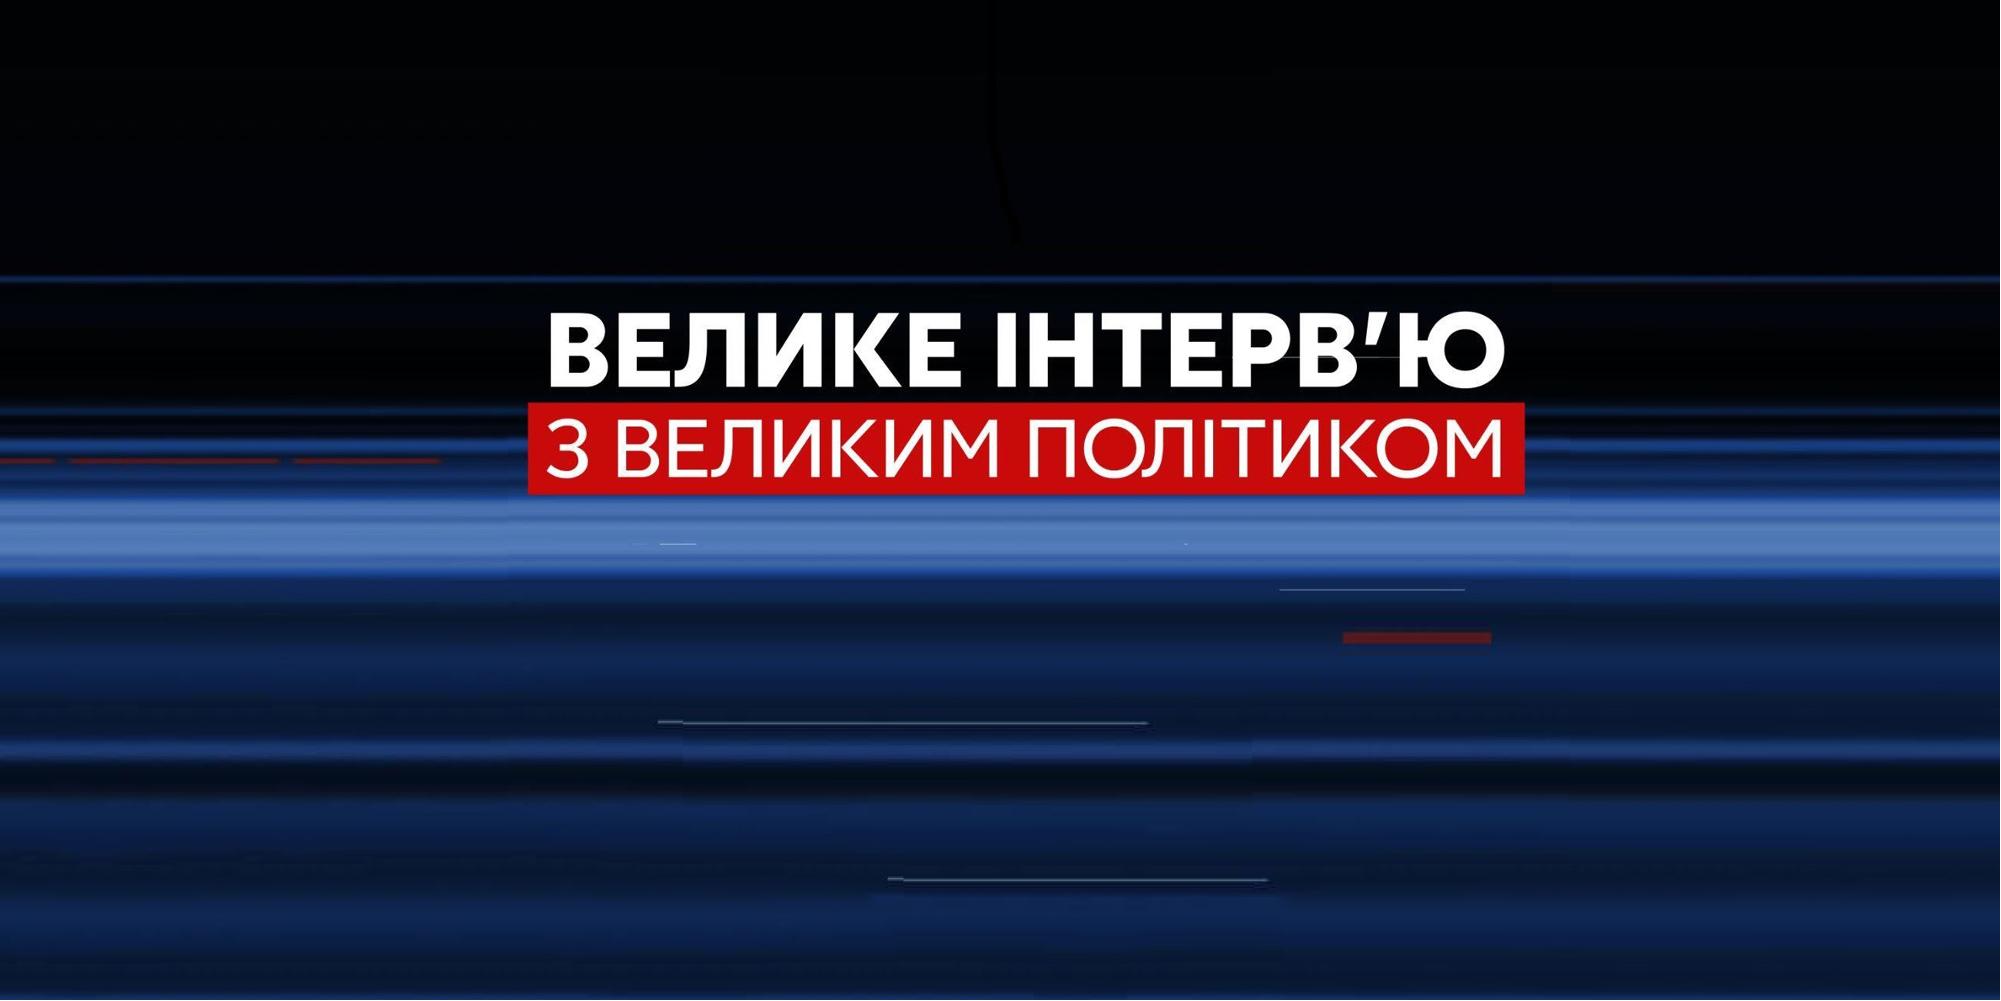 Гостем новой программы на «112 Украина» станет скандальный политик